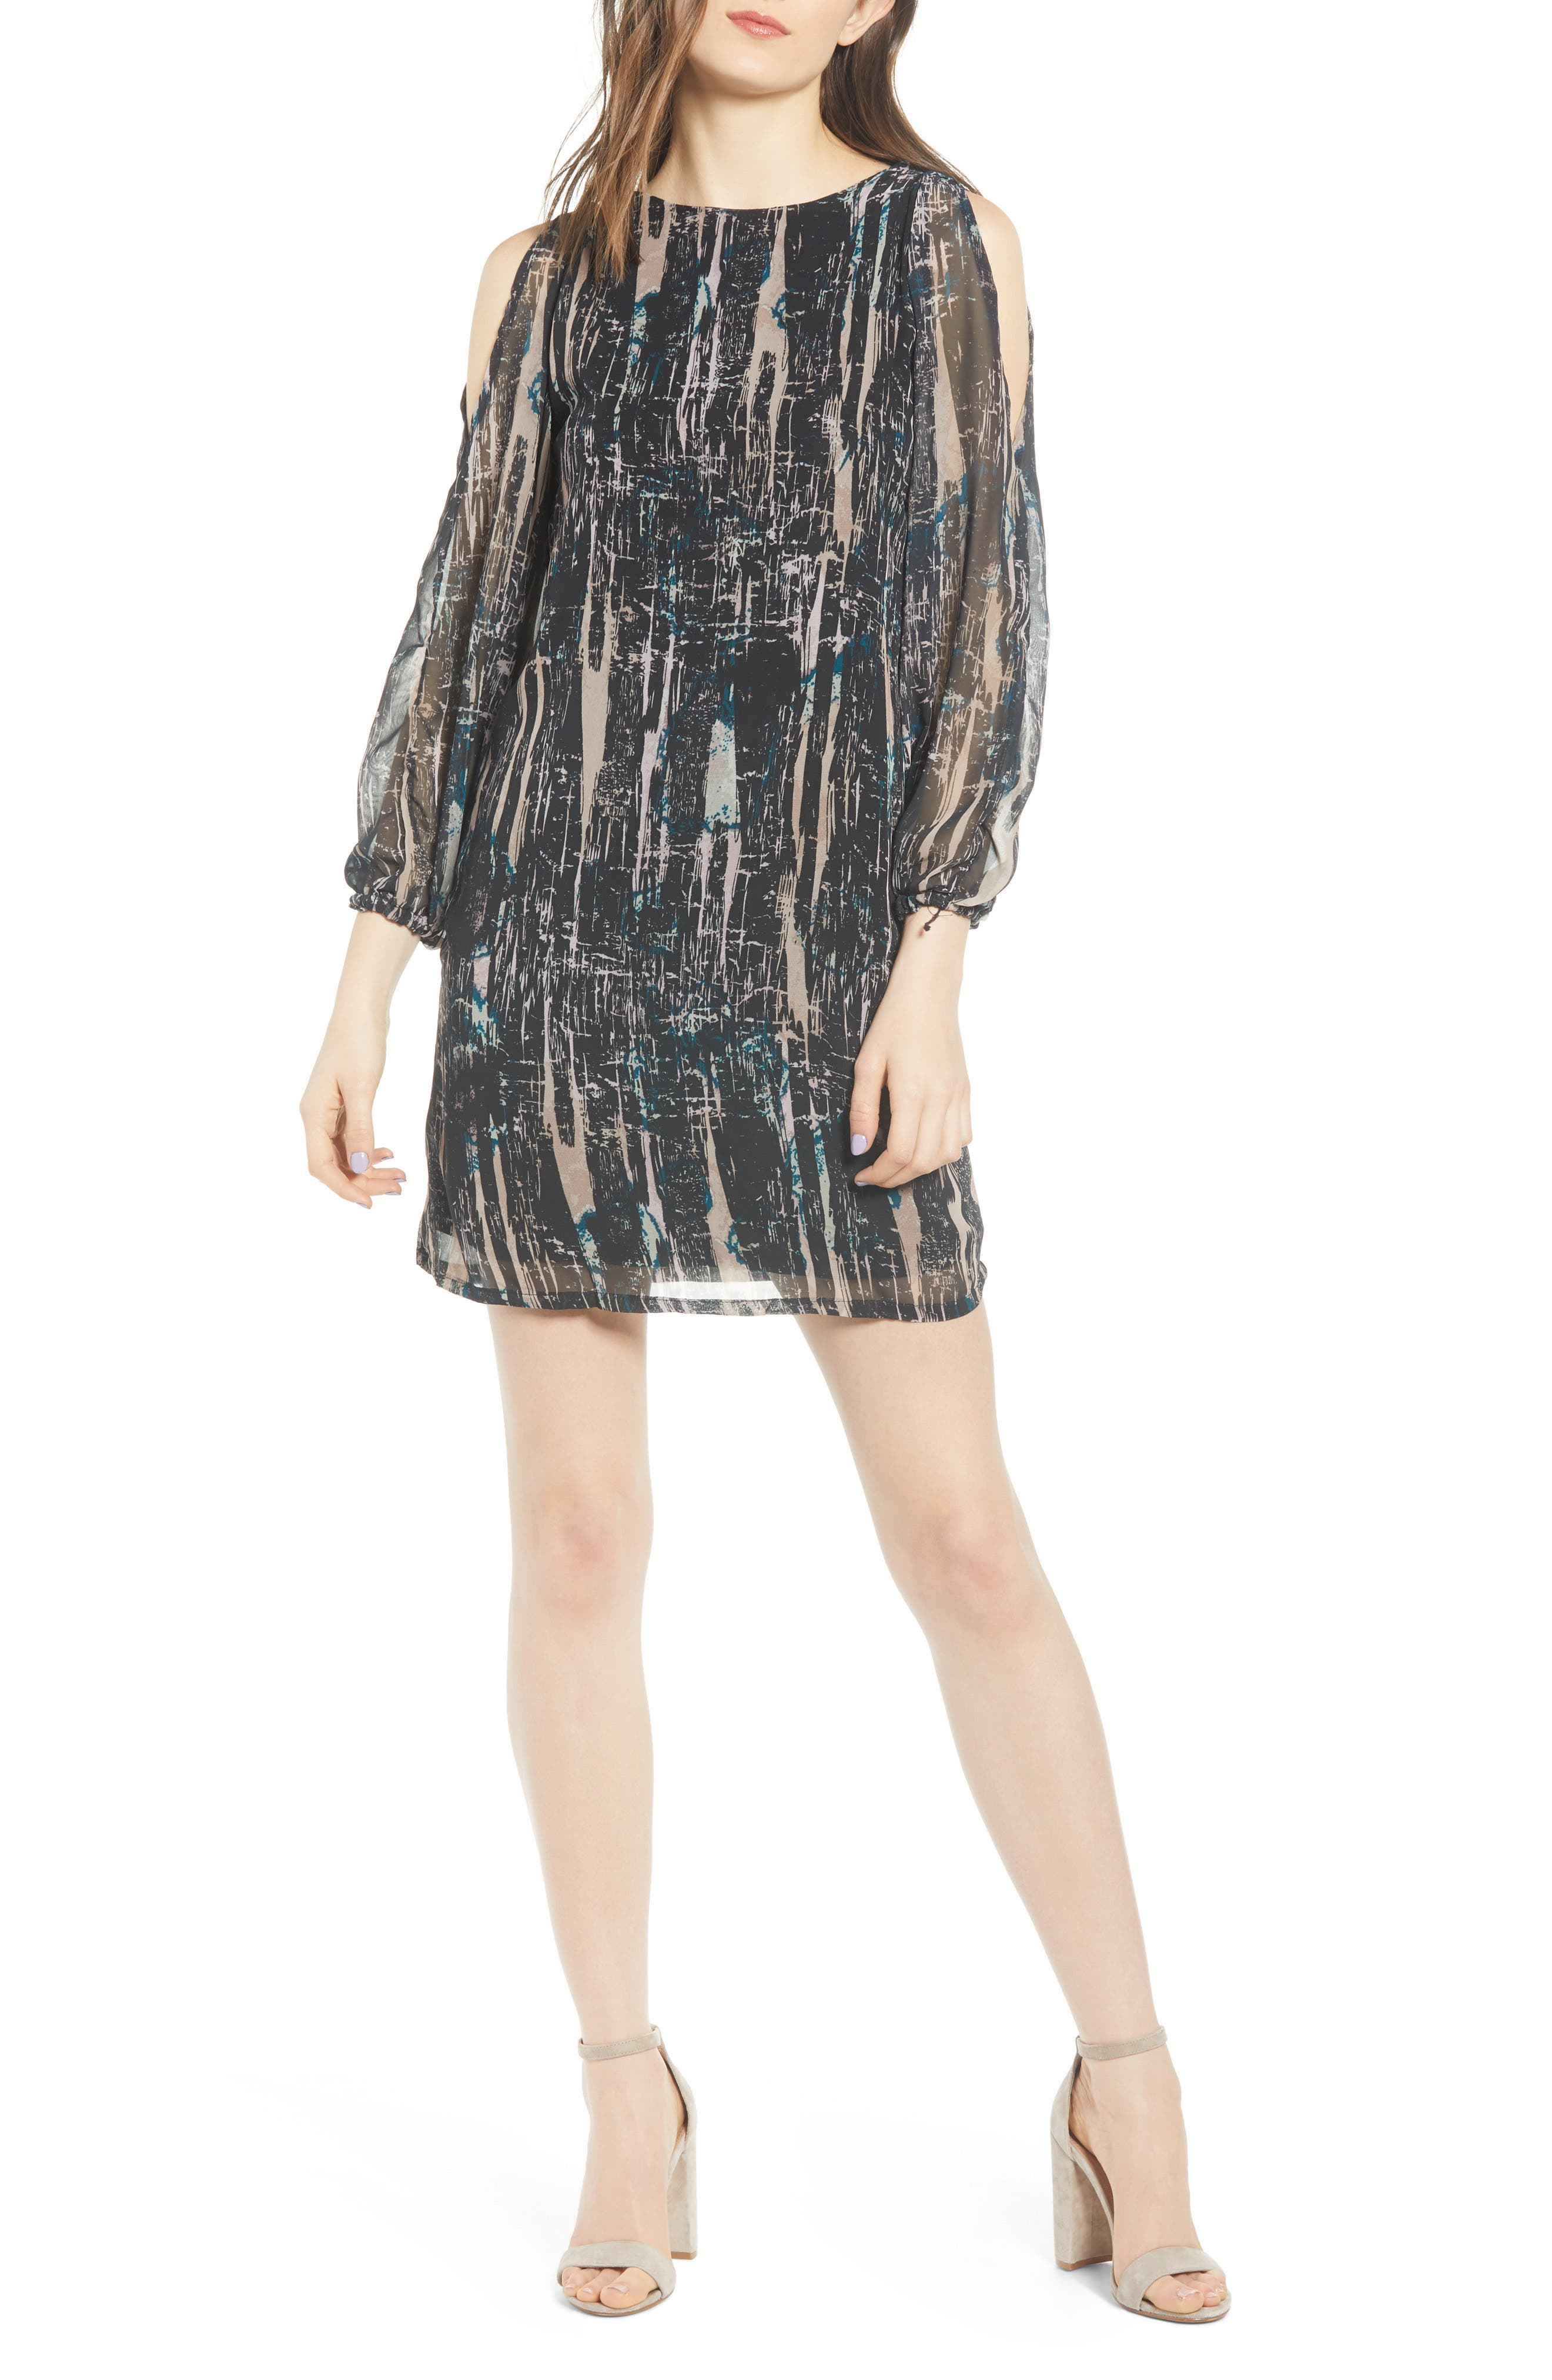 Sentimental Ny Cold Shoulder Shift Dress, Black